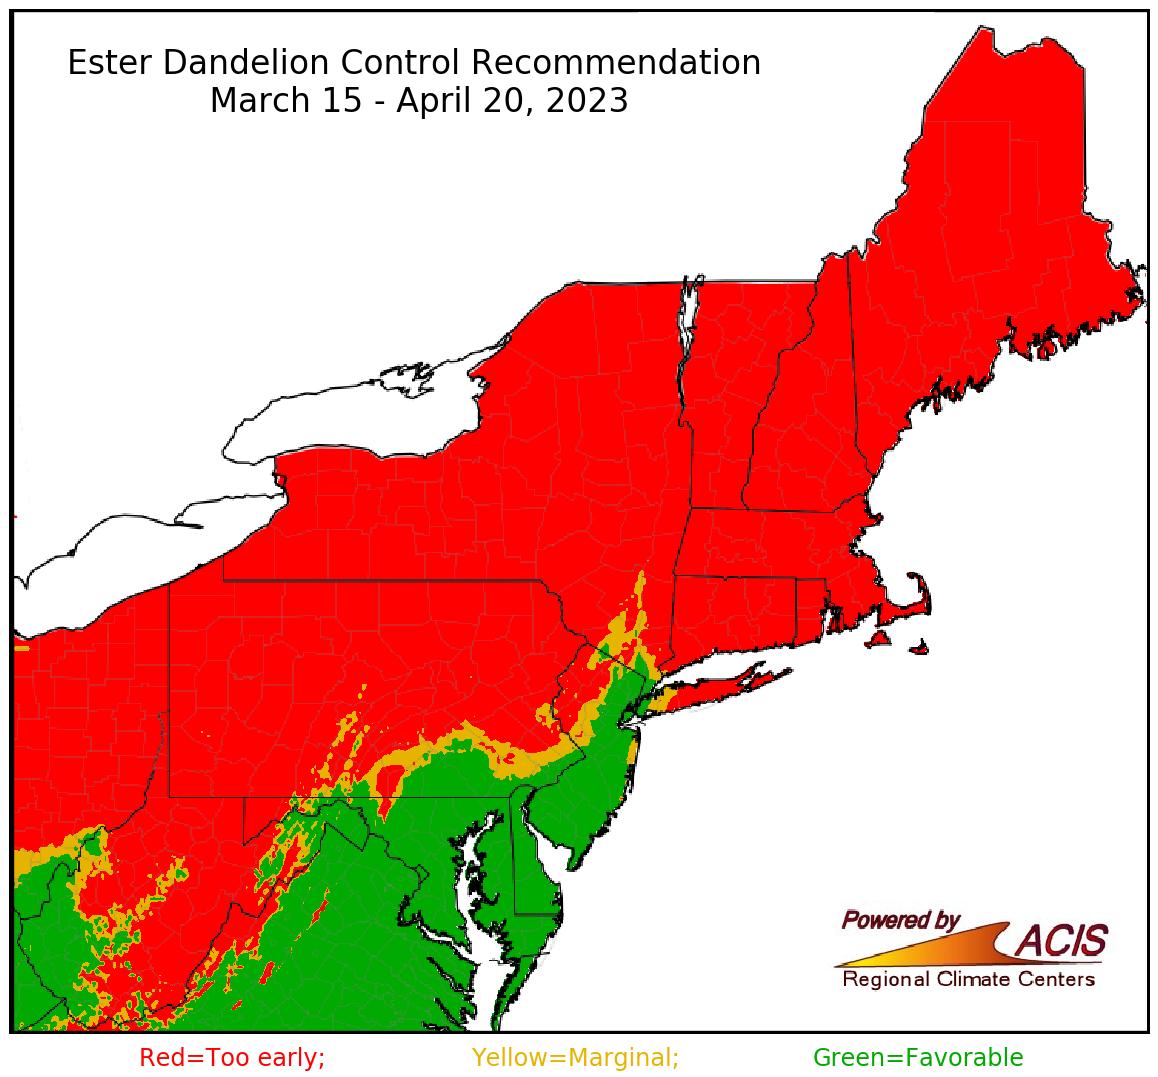 ester dandelion control recommendation